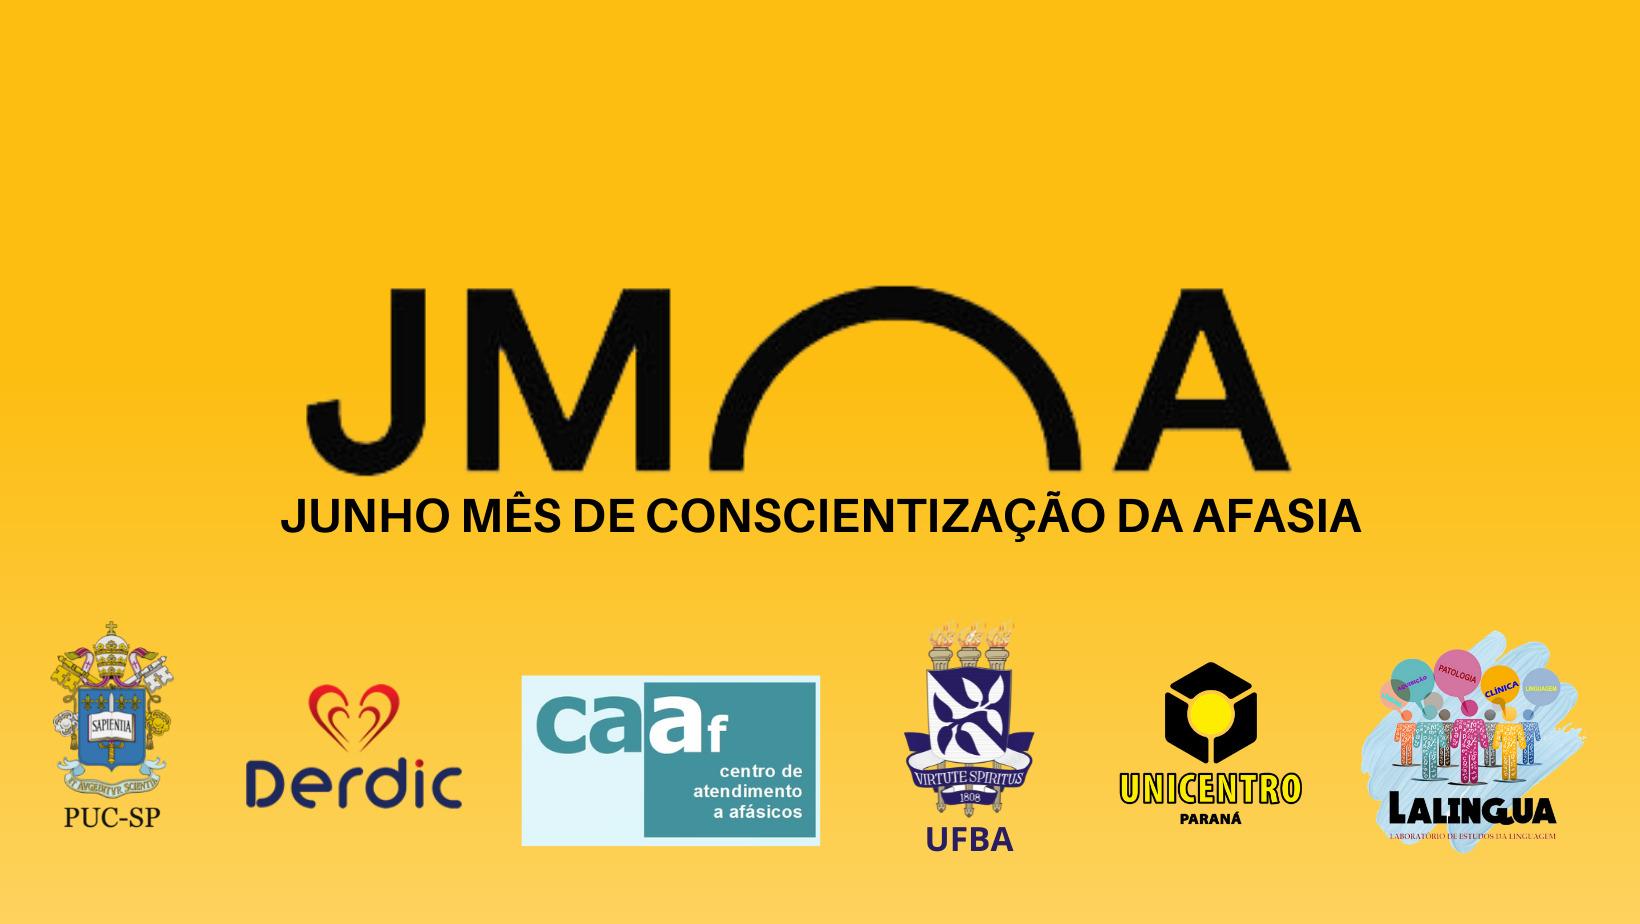 Unicentro participa de campanha pelo Mês de Conscientização da Afasia